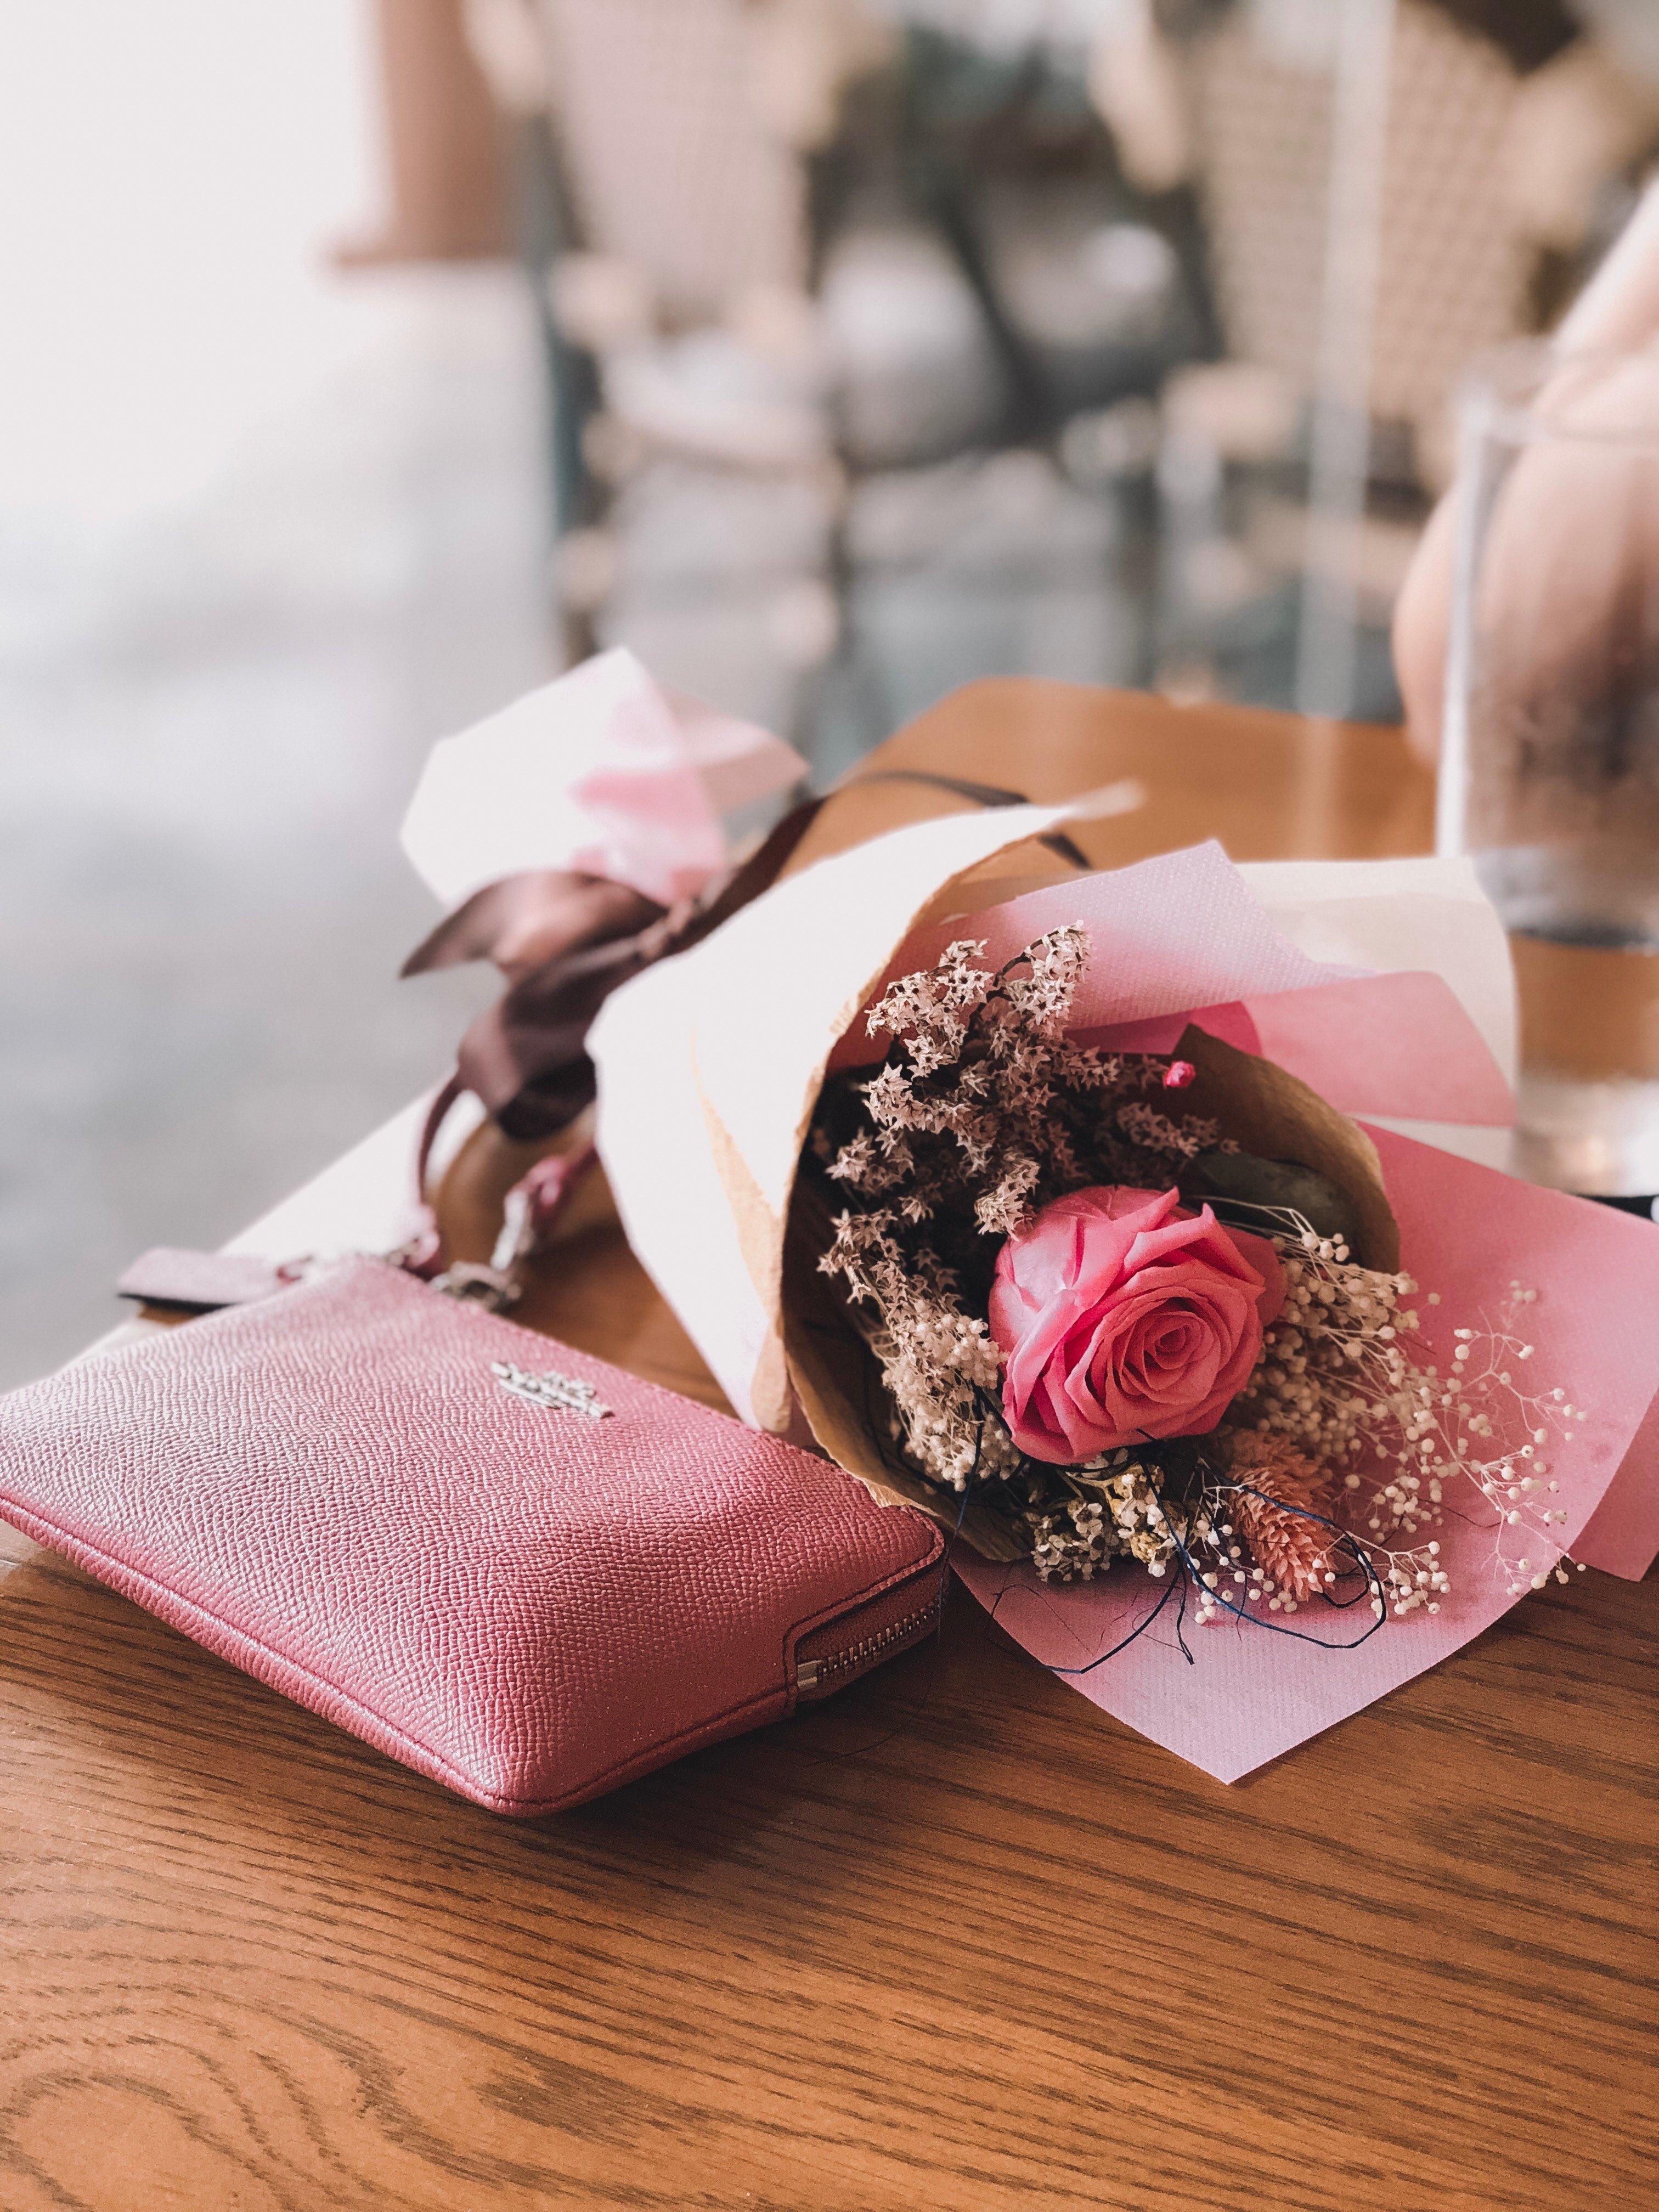 Fleur | Source : Unsplash